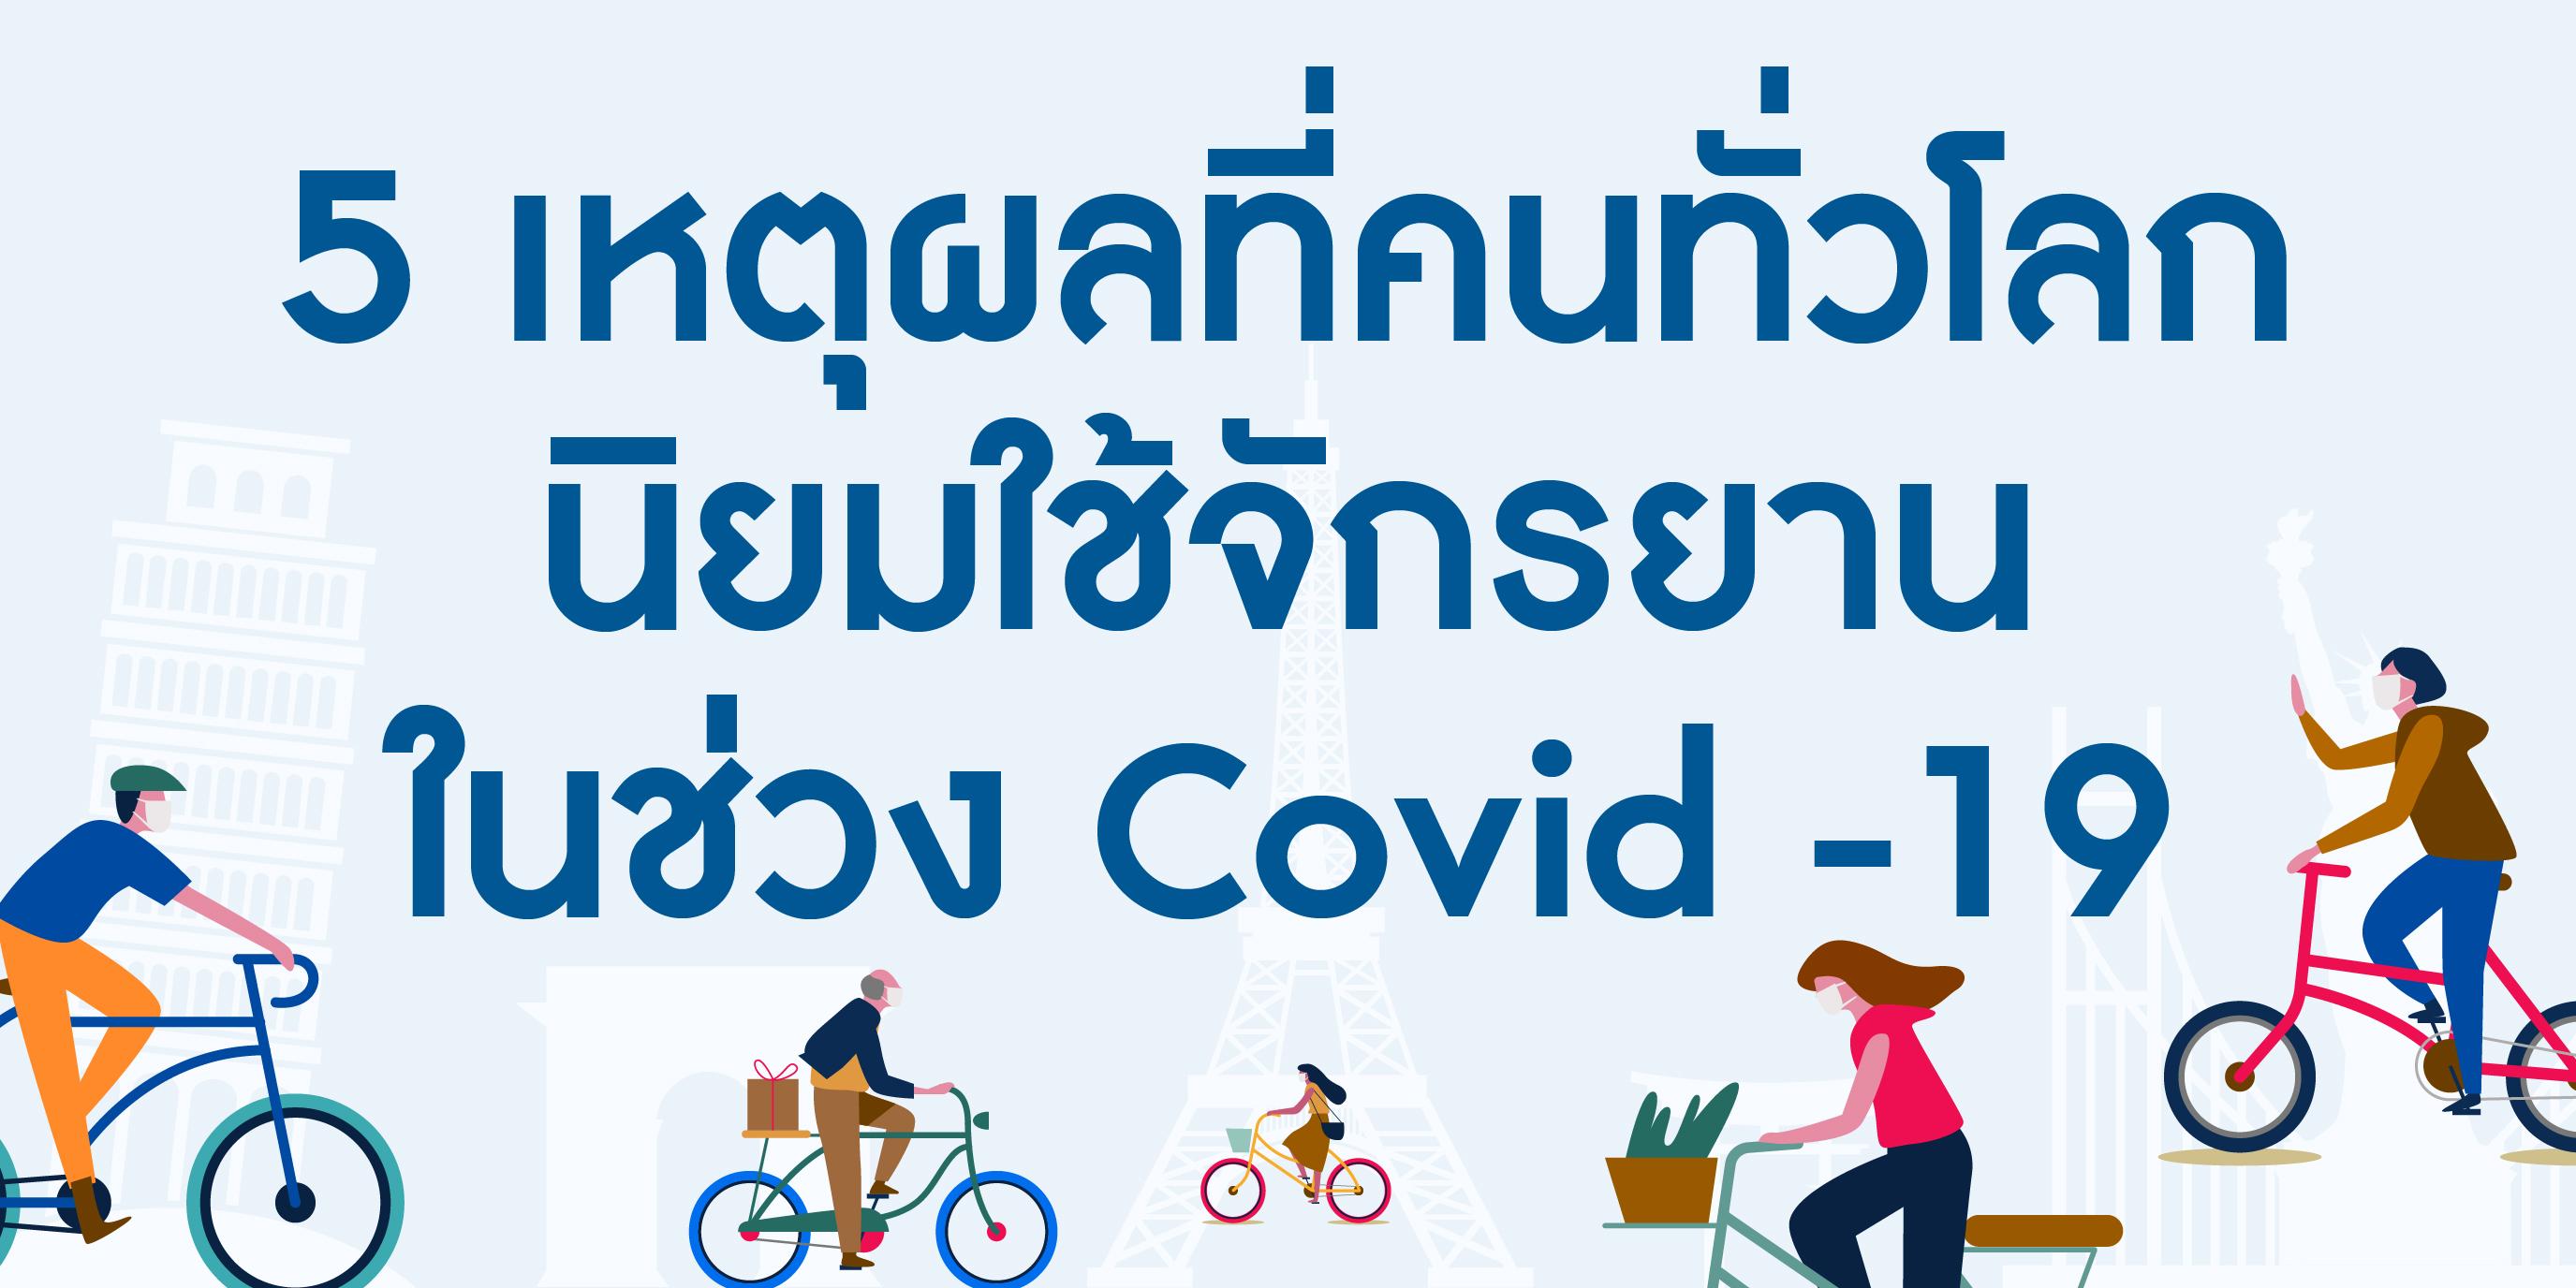 5 เหตุผลที่คนทั่วโลกนิยมใช้จักรยานในช่วง Covid -19